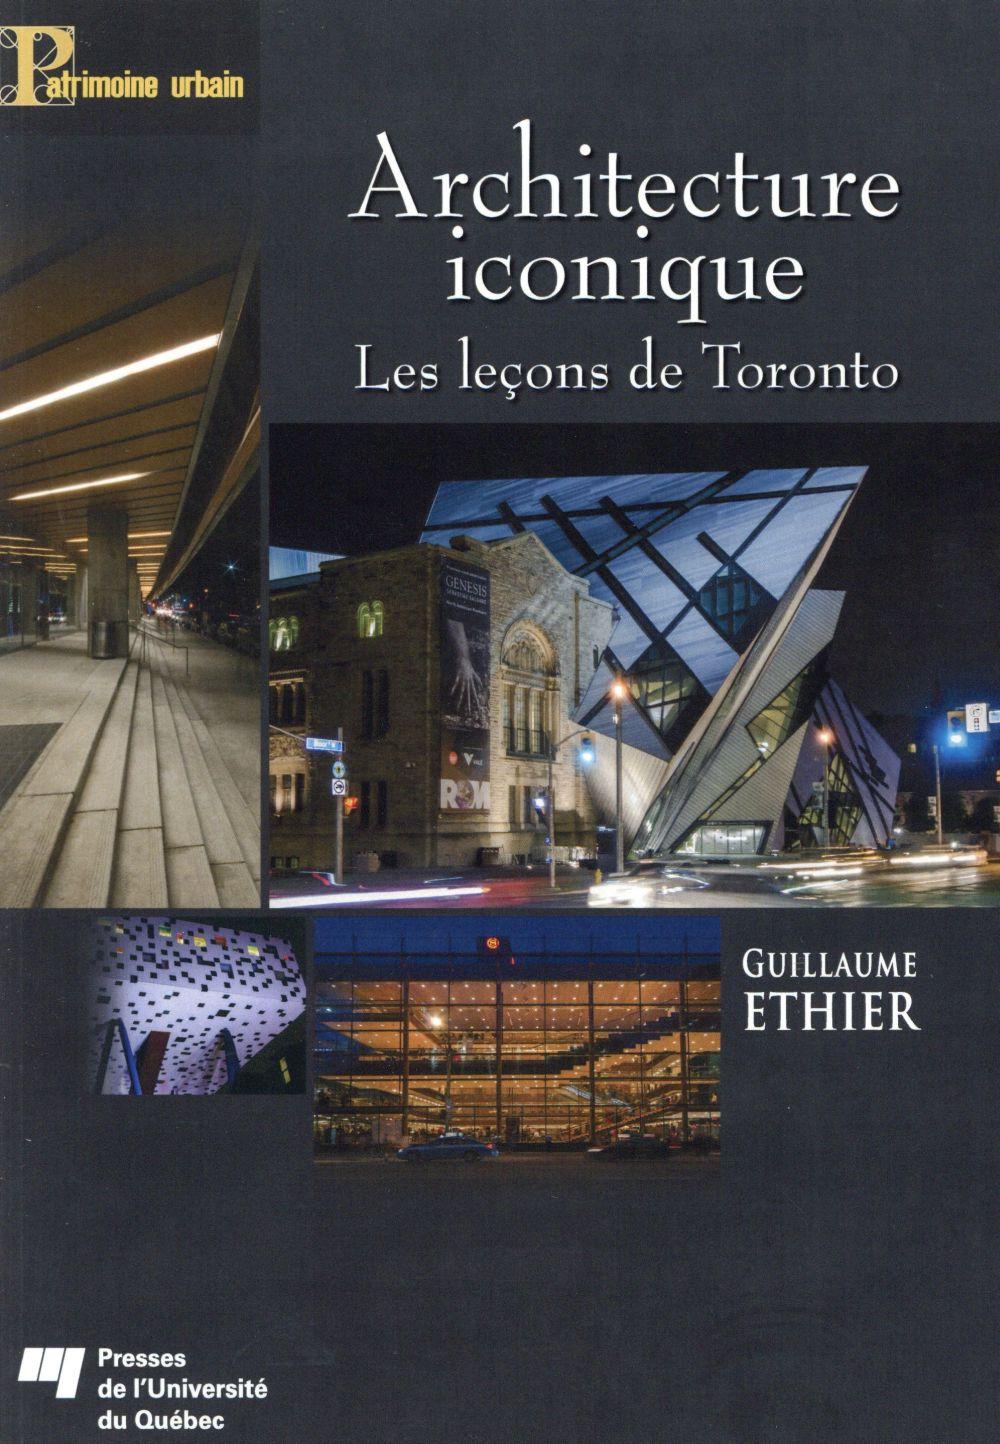 Architecture iconique, Les leçons de Toronto